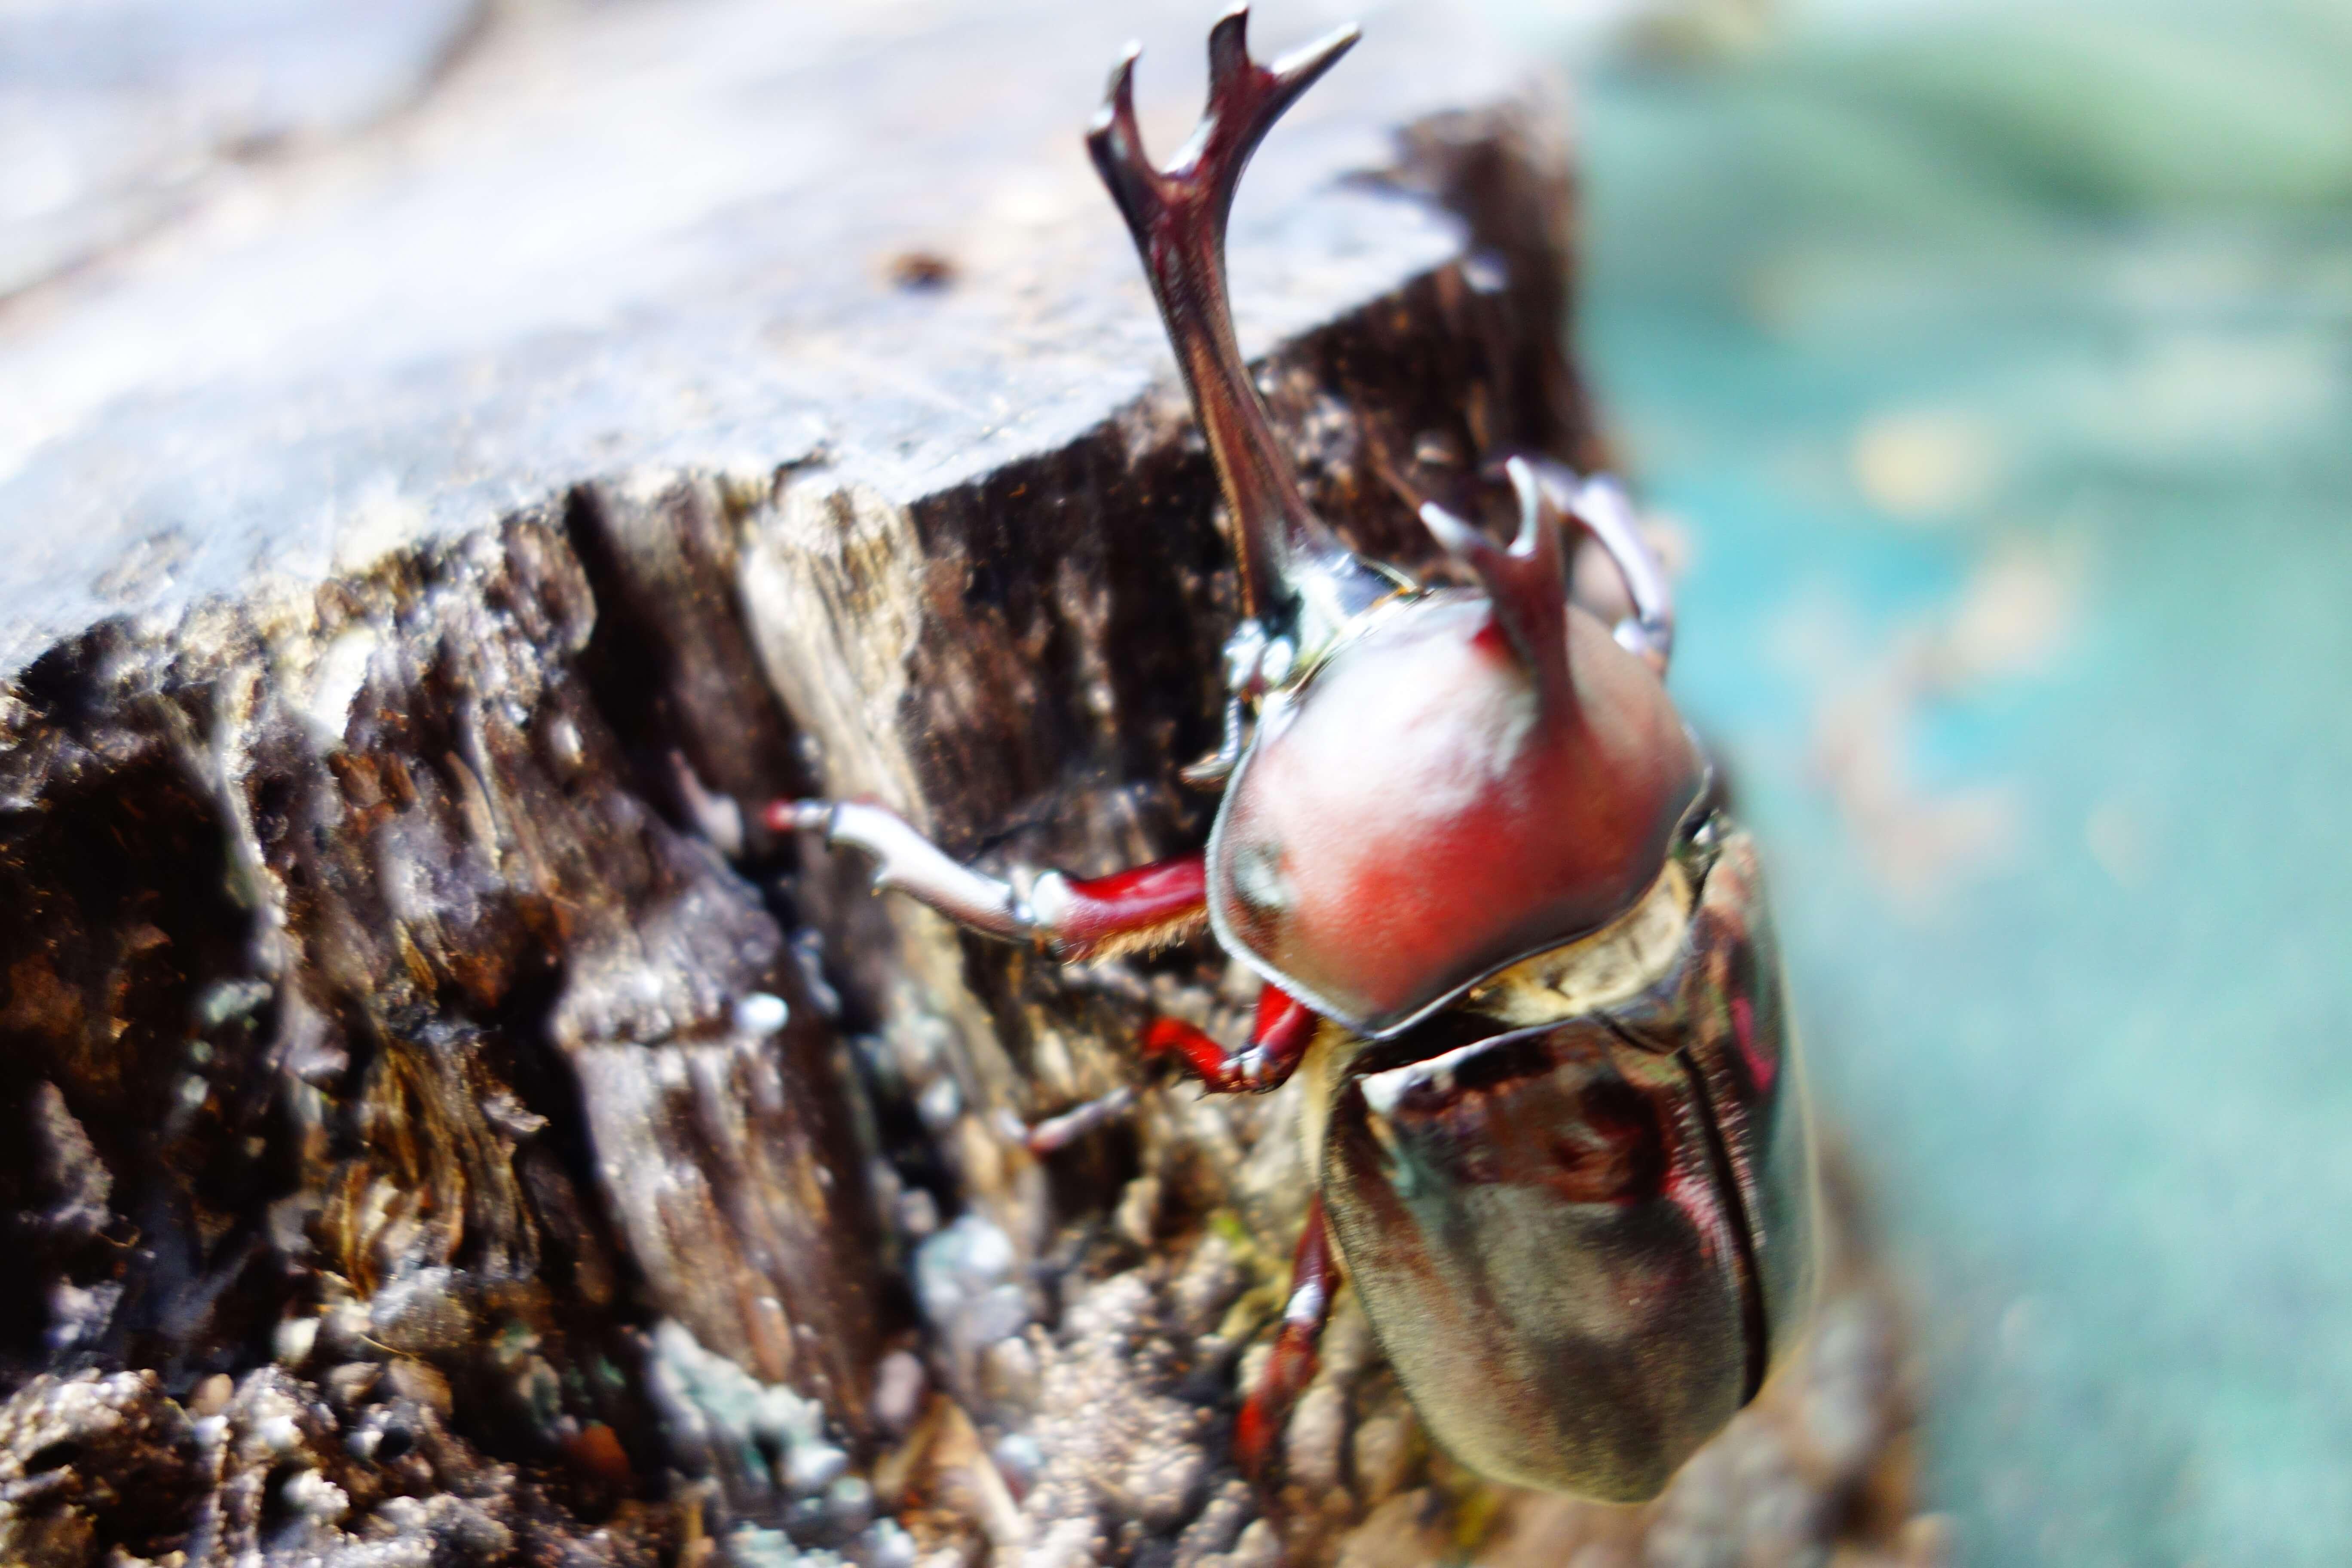 石川県ふれあい昆虫館|白山市にある「カブトの森」や「チョウの園」がおすすめ